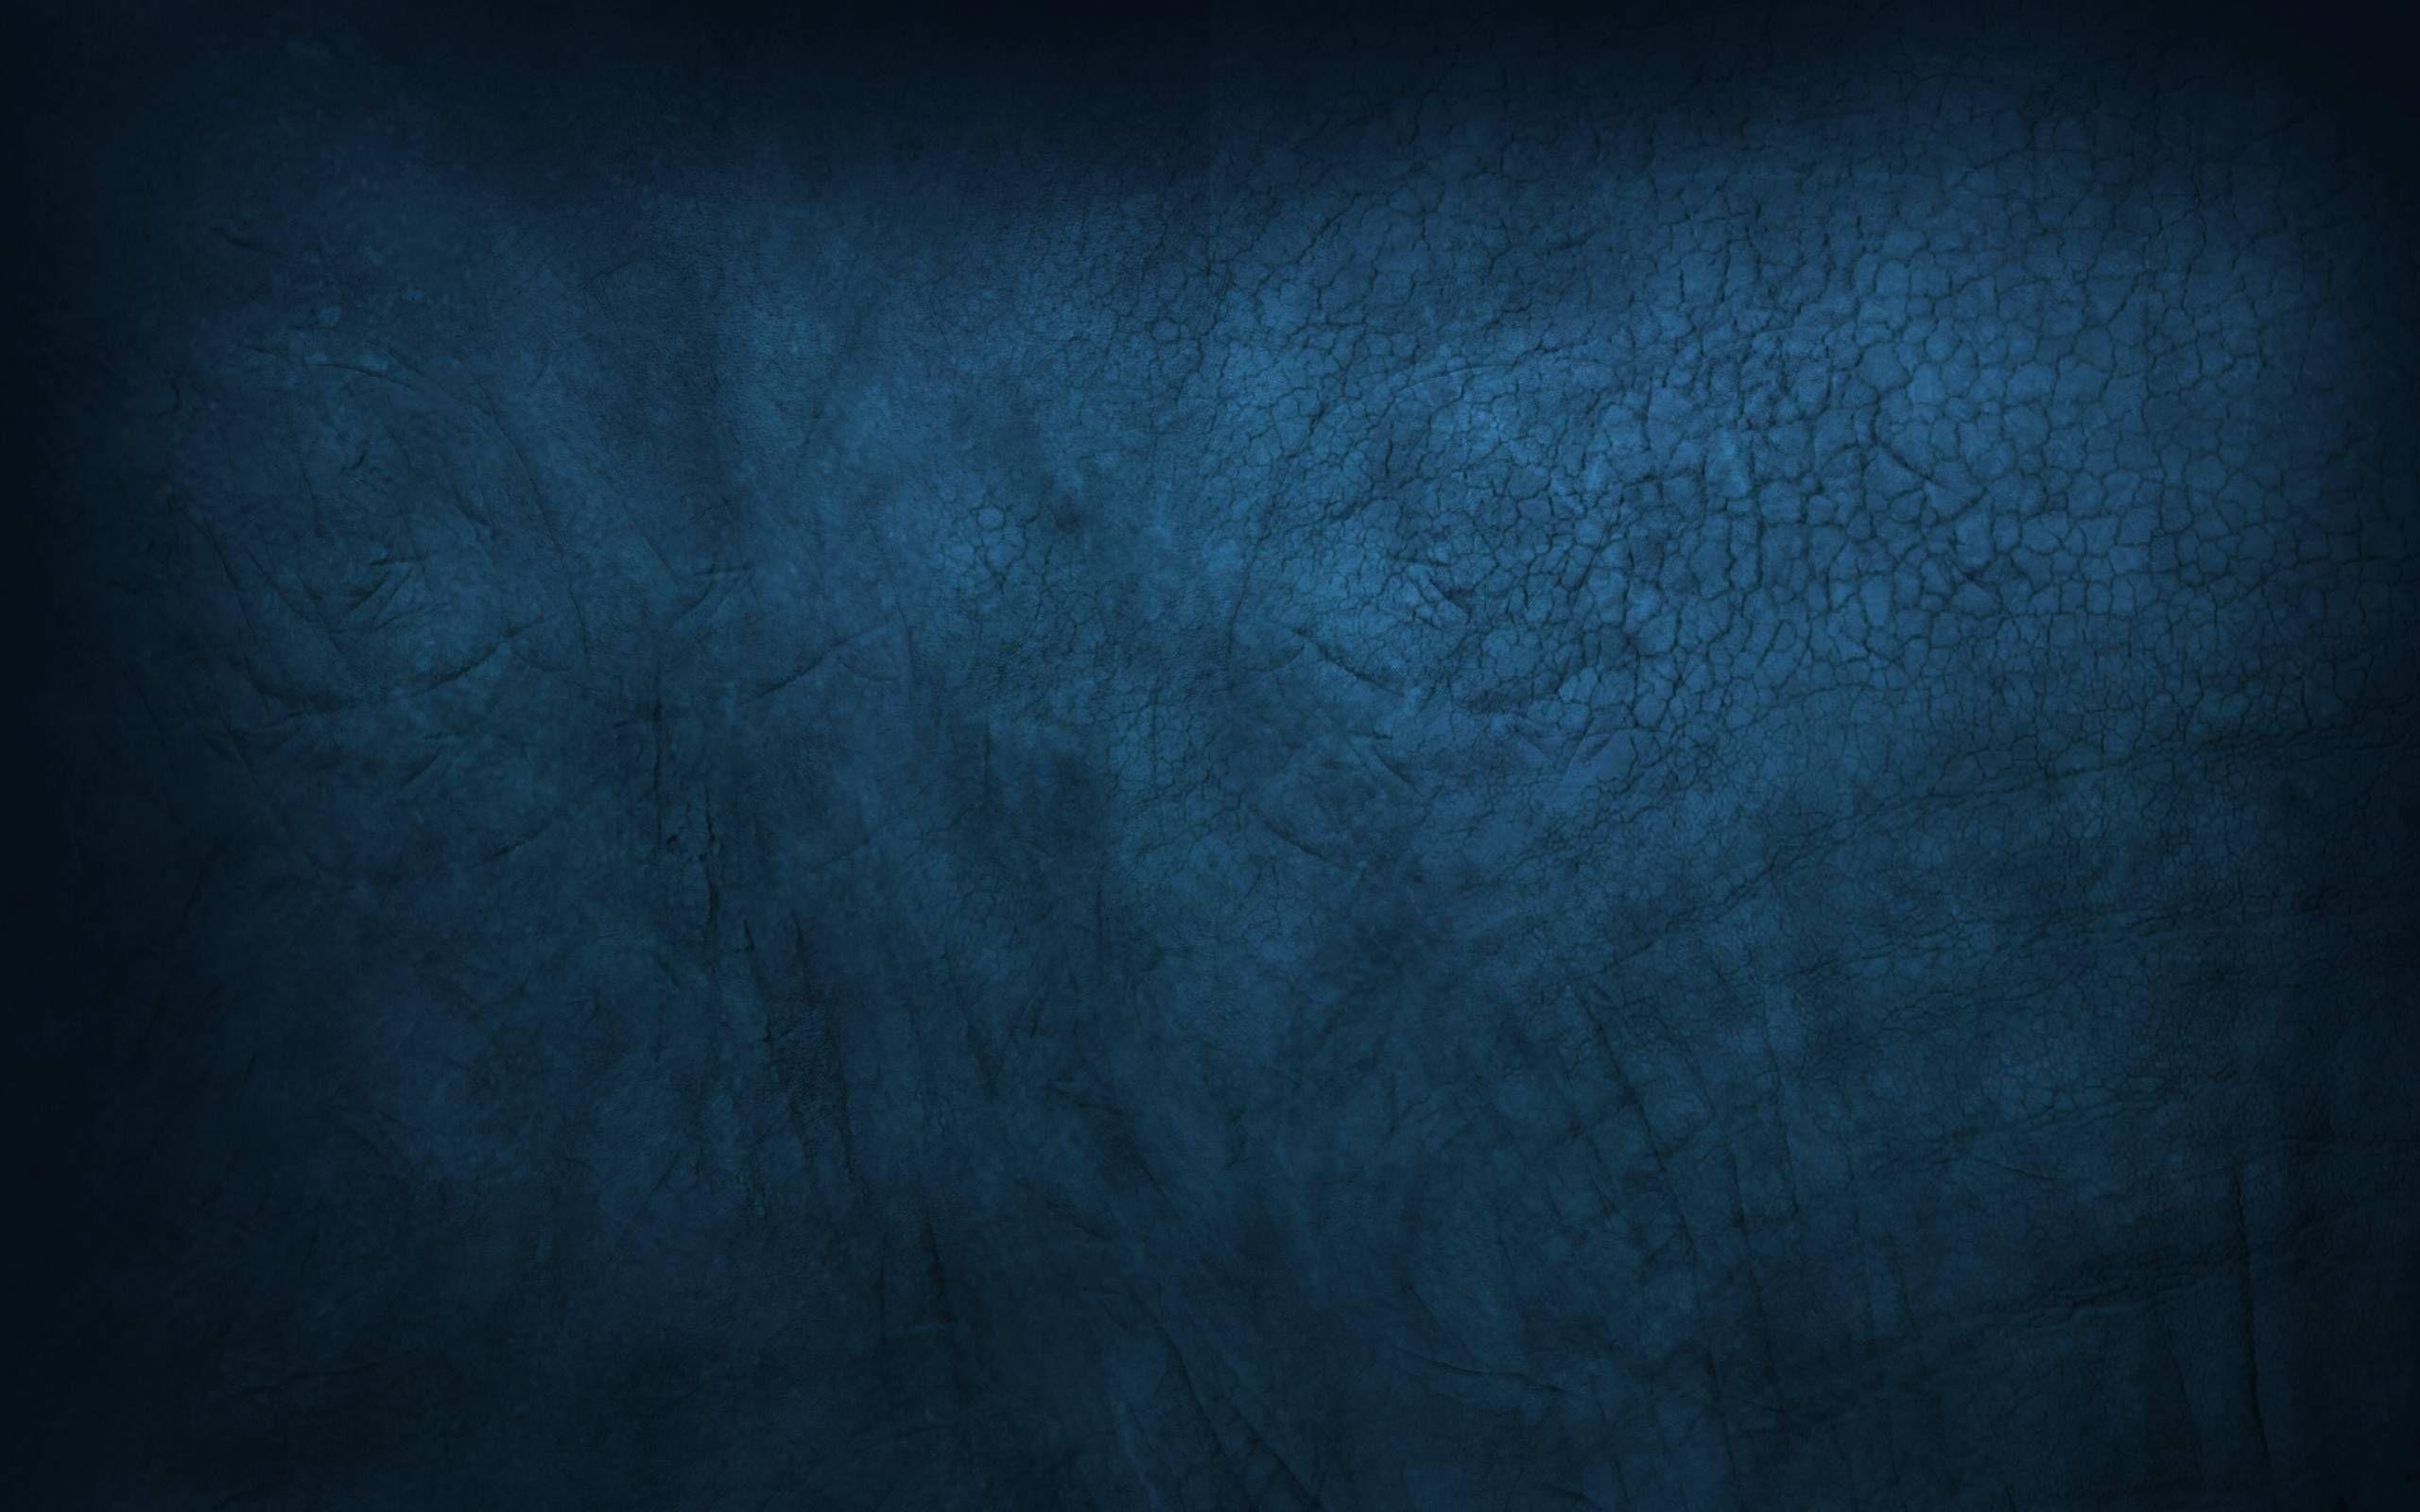 Blue Grunge Backgrounds ...